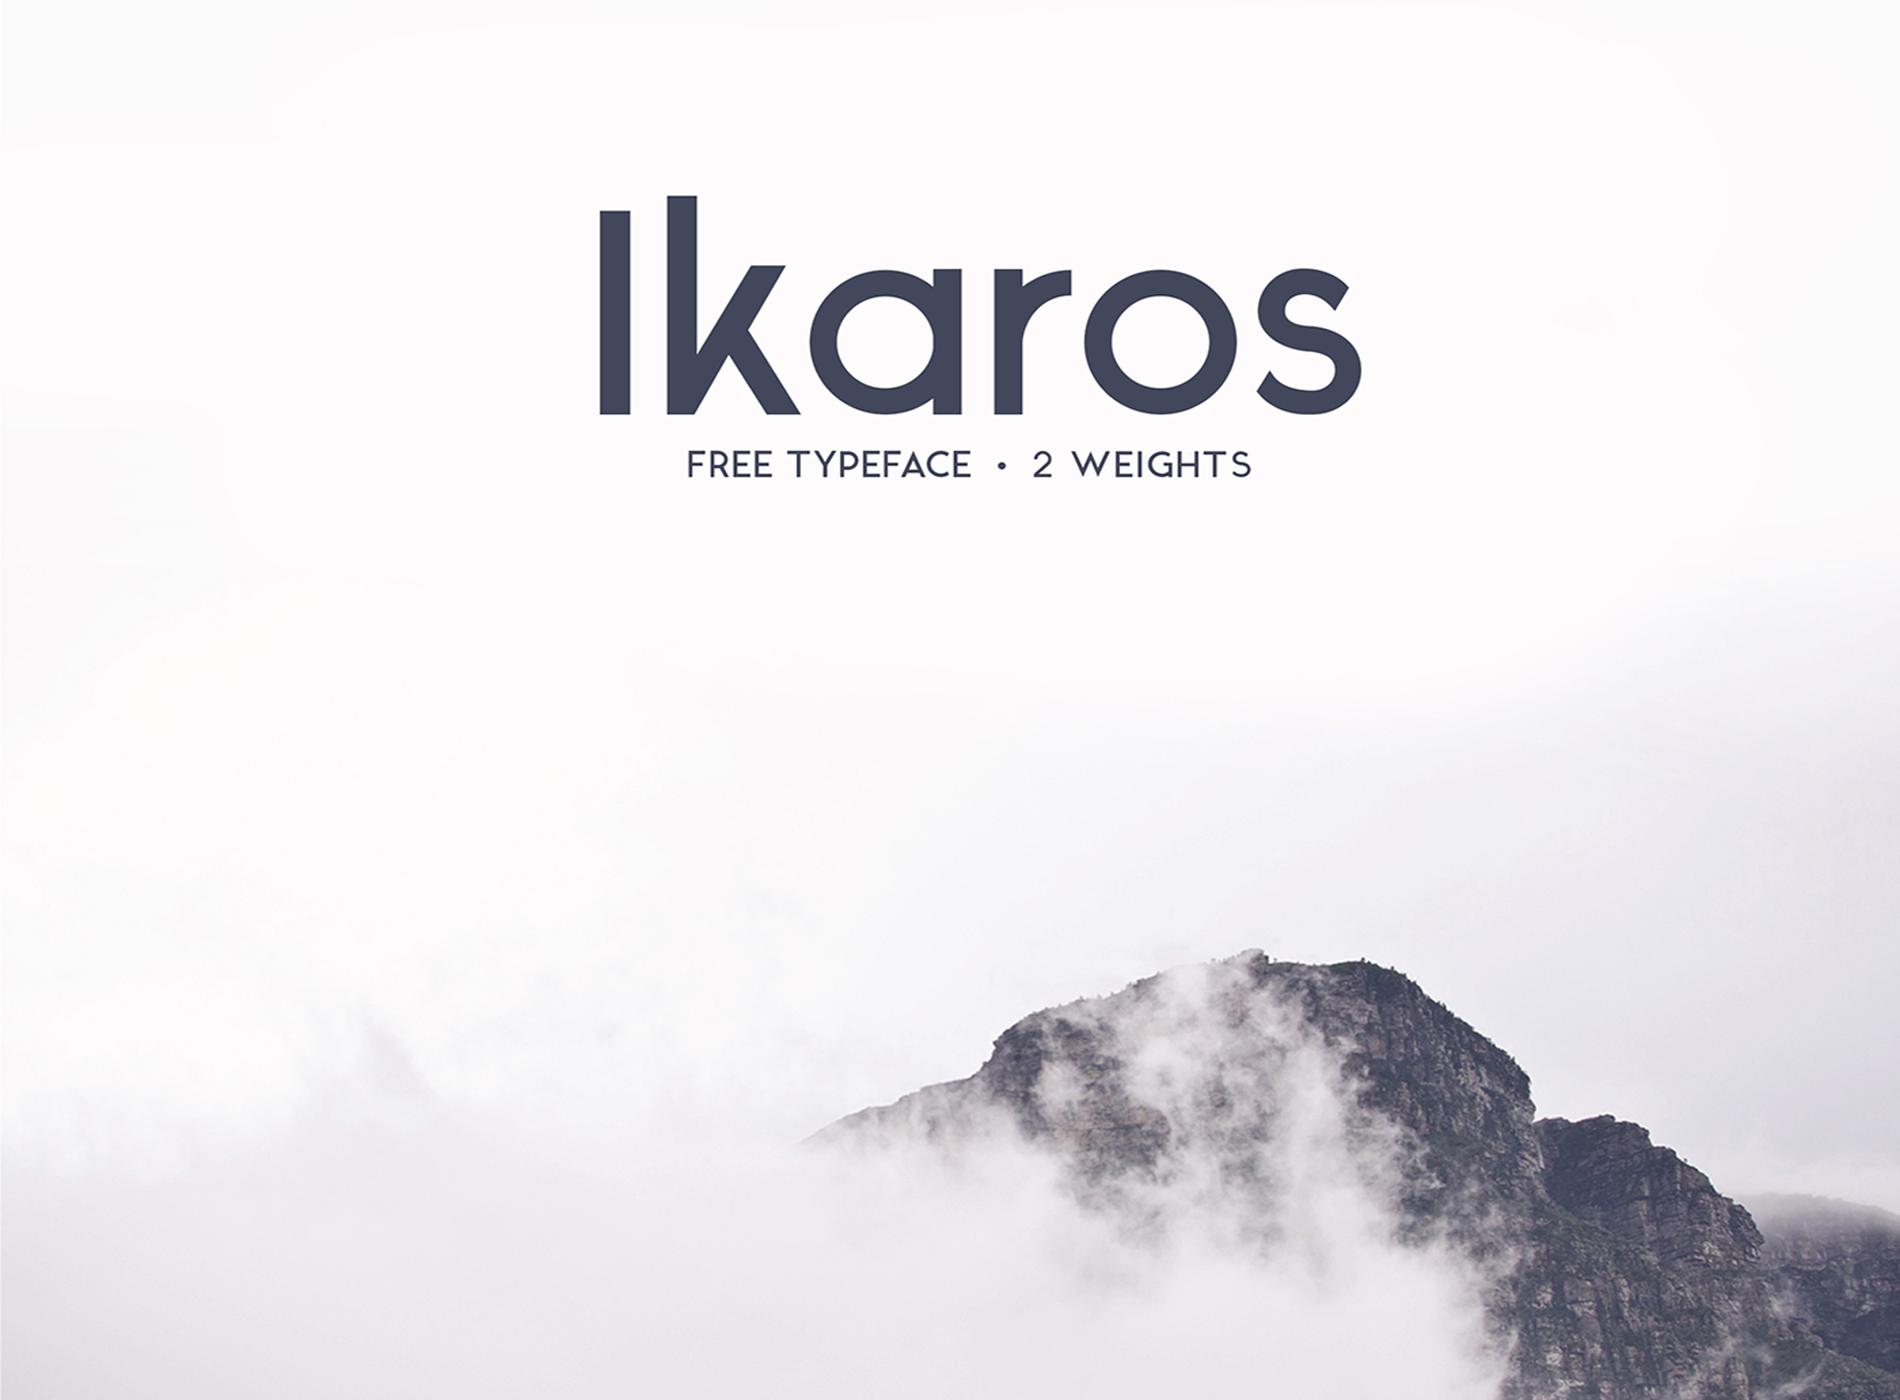 Free download: Ikaros Font